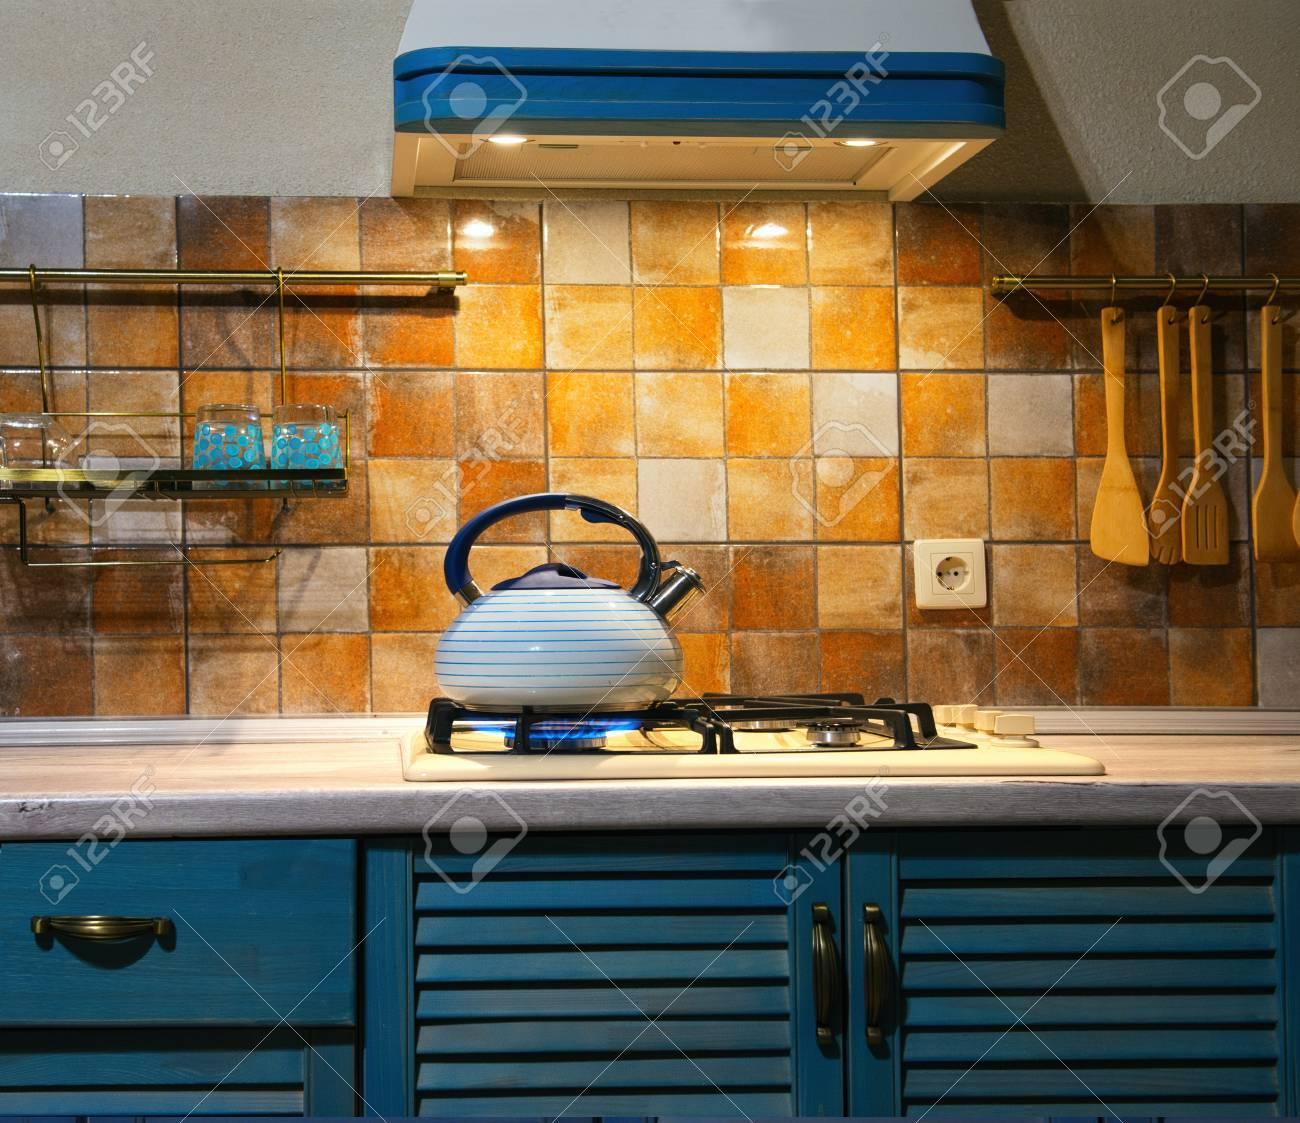 Full Size of Küche Blau Neue Metall Pfeifen In Kche Vinyl Led Panel Apothekerschrank Einbauküche L Form Vorhang Aufbewahrungssystem Wellmann Kleine Landhausküche Wohnzimmer Küche Blau